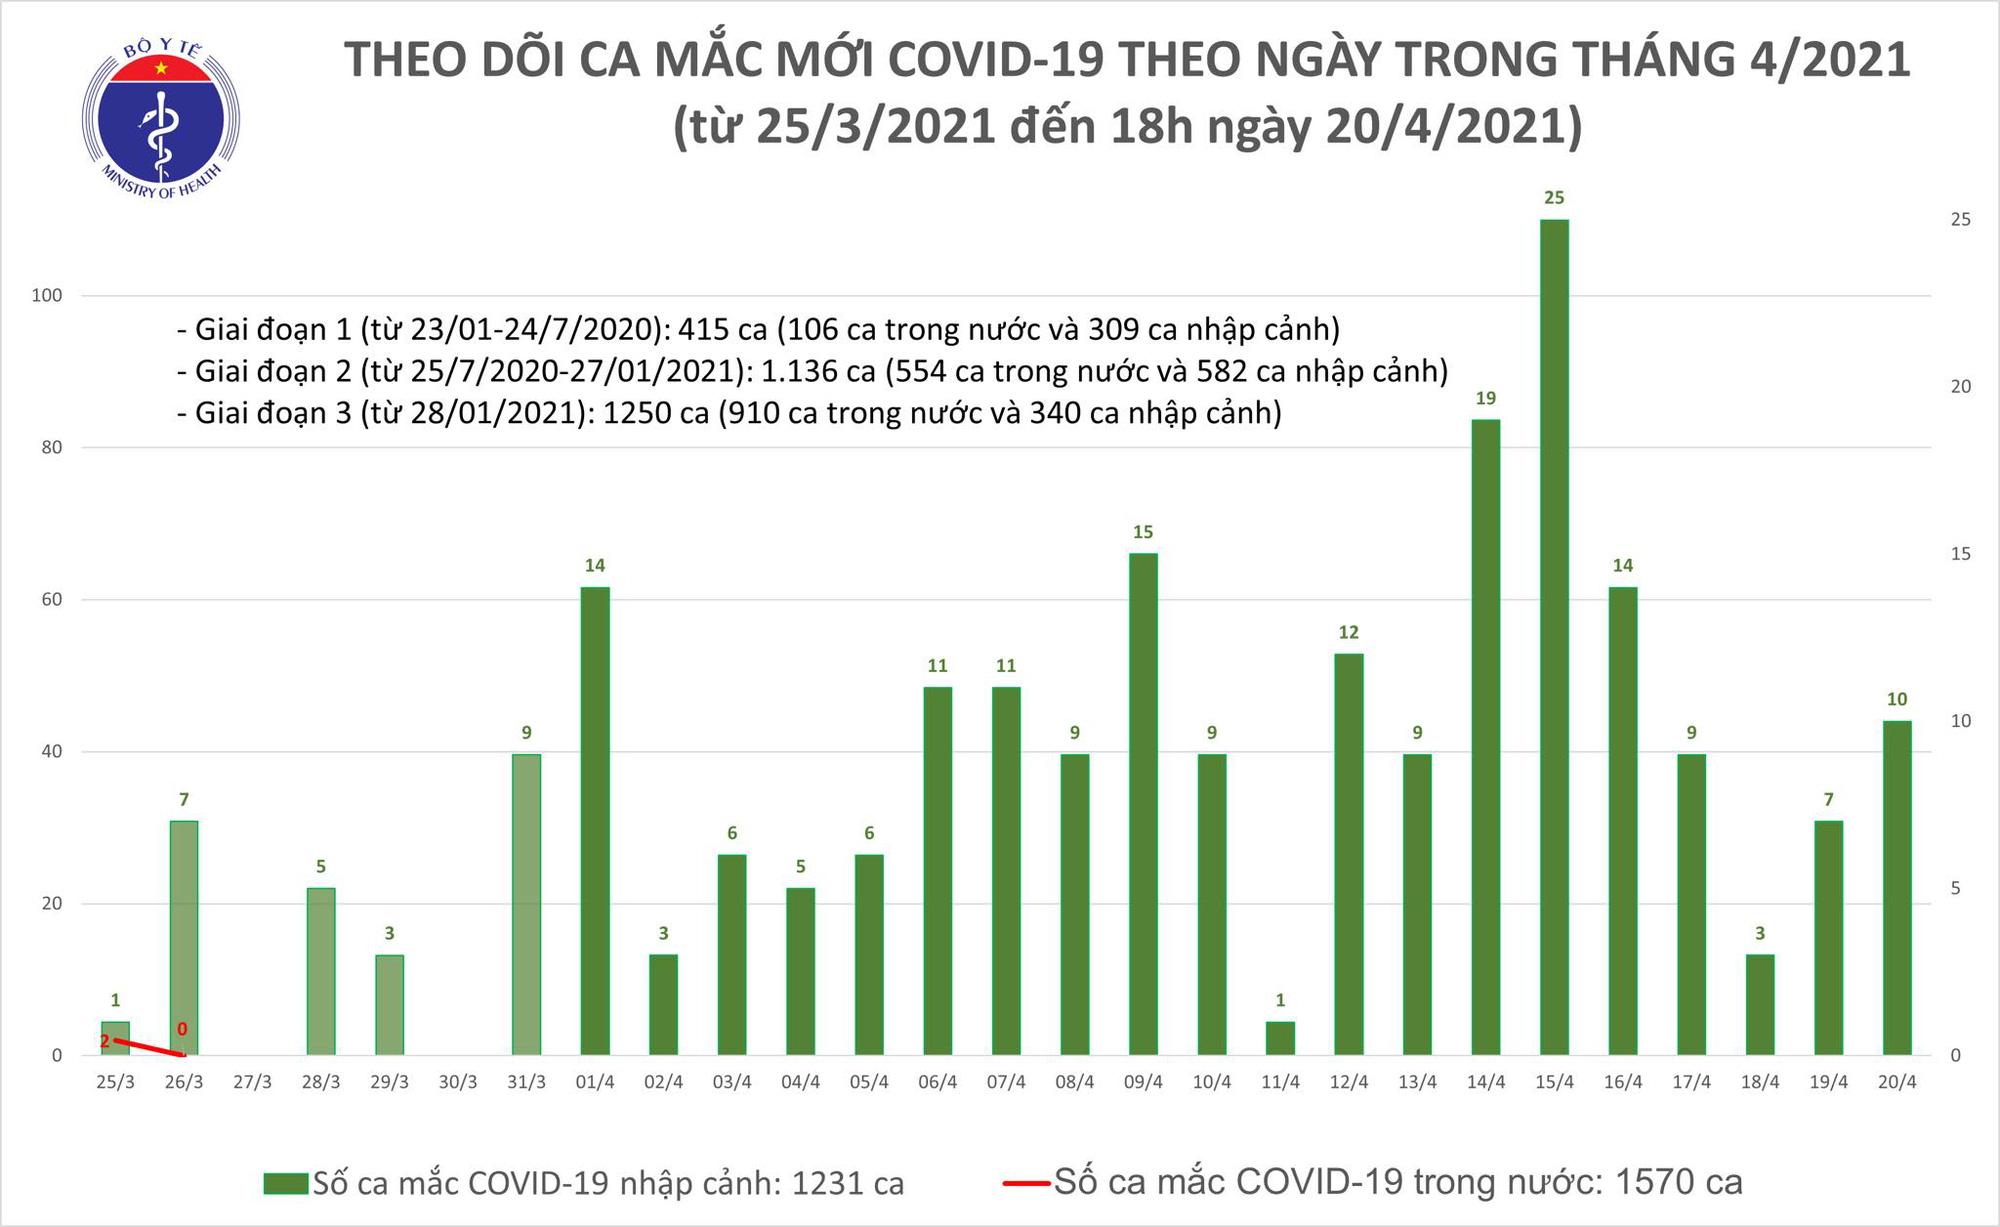 Phát hiện thêm 10 ca Covid-19 mắc mới trong chiều 20/4 - Ảnh 2.